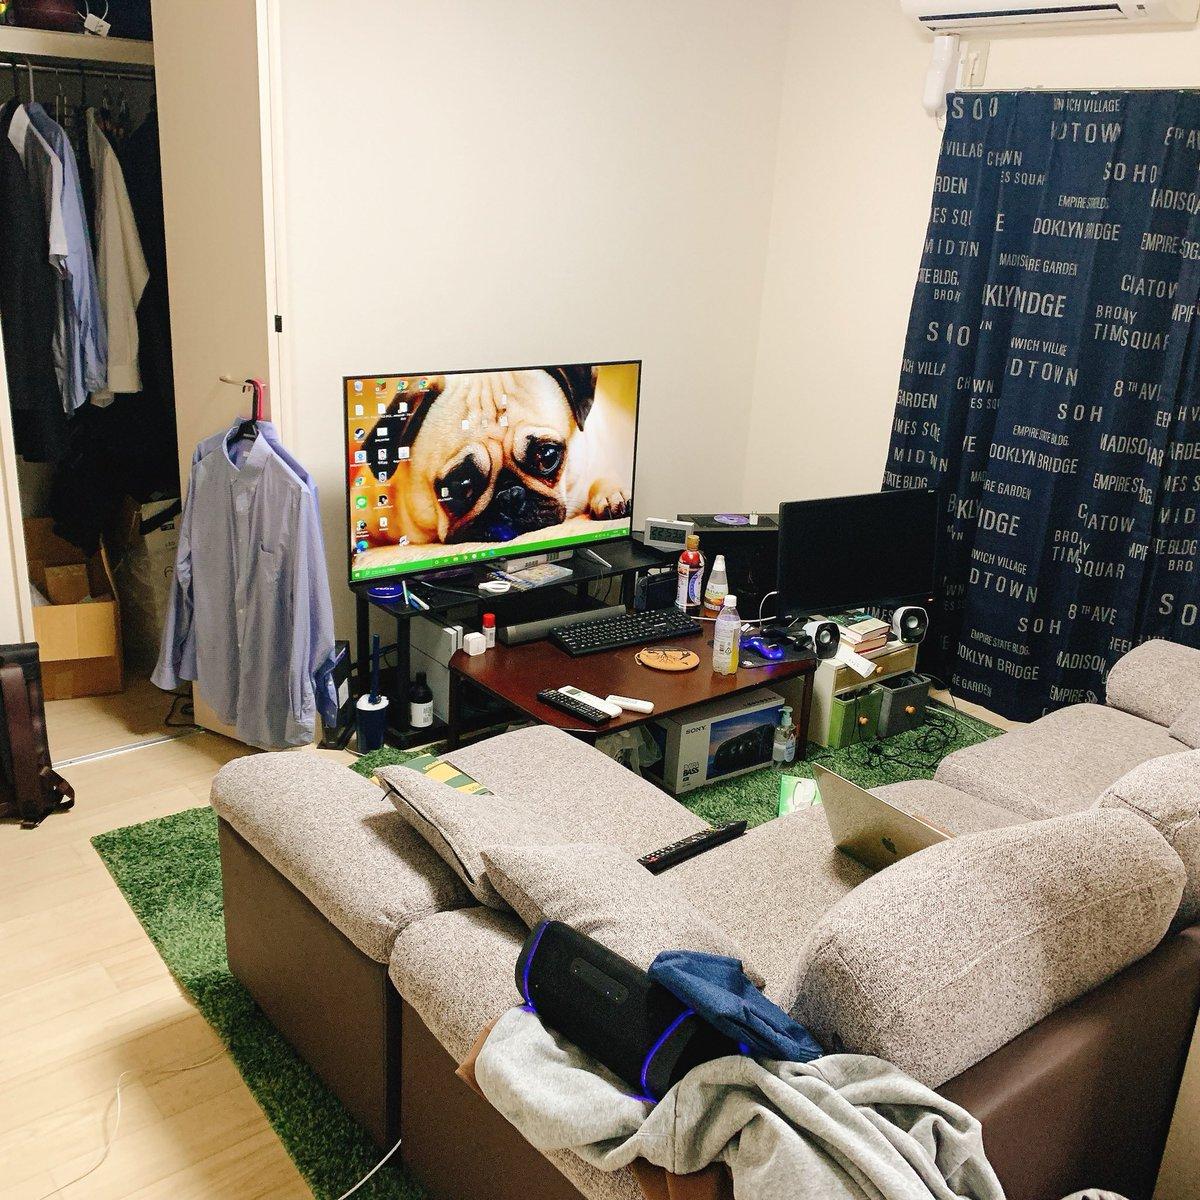 これでもだいぶ掃除したほうなんです…それにしても一人暮らしだとこのサイズのソファとダブルサイズのベットは完全にいらなかった笑